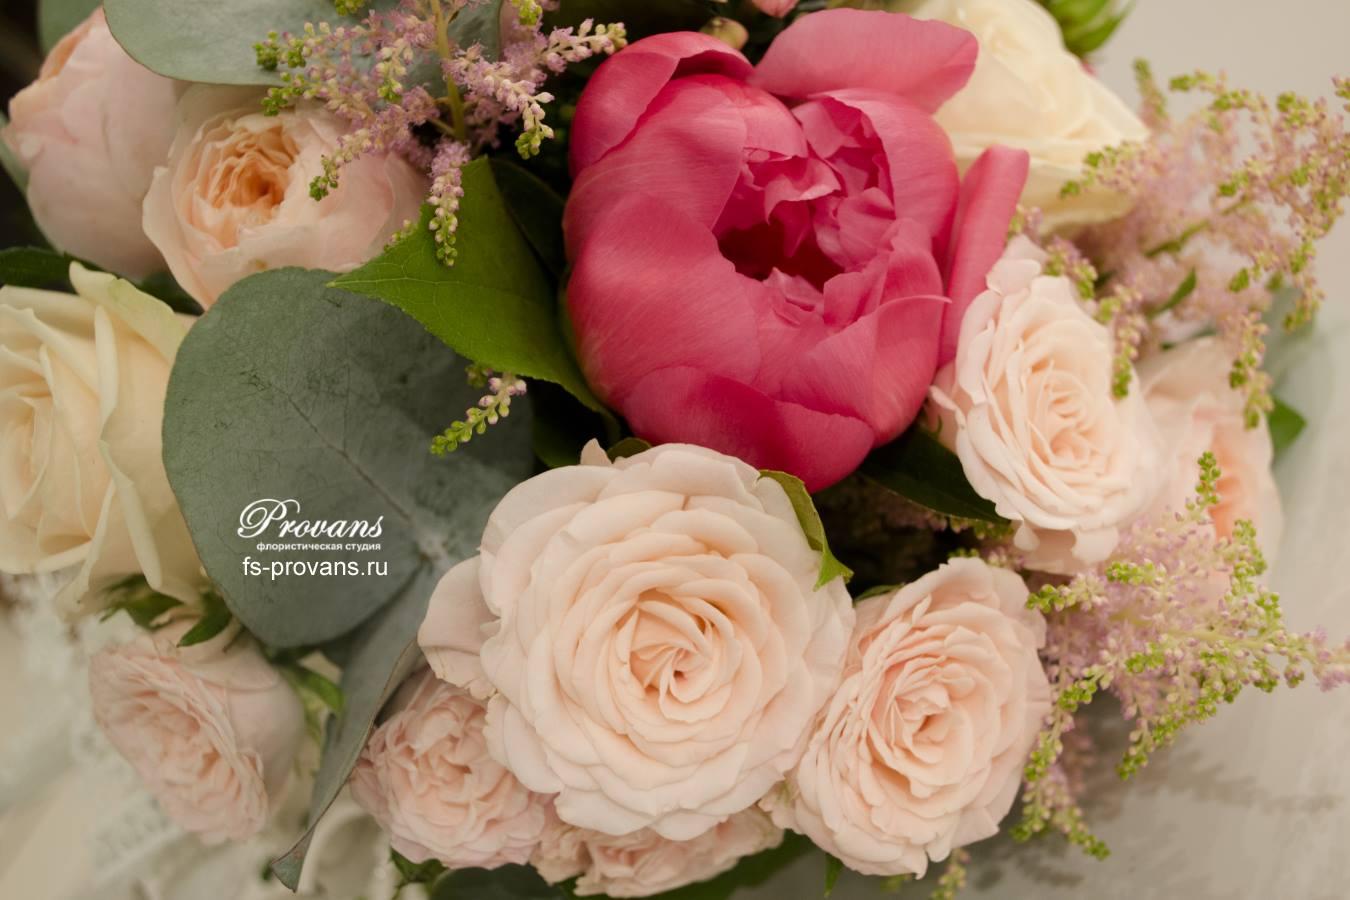 Свадебный букет. Французские розы, пионы